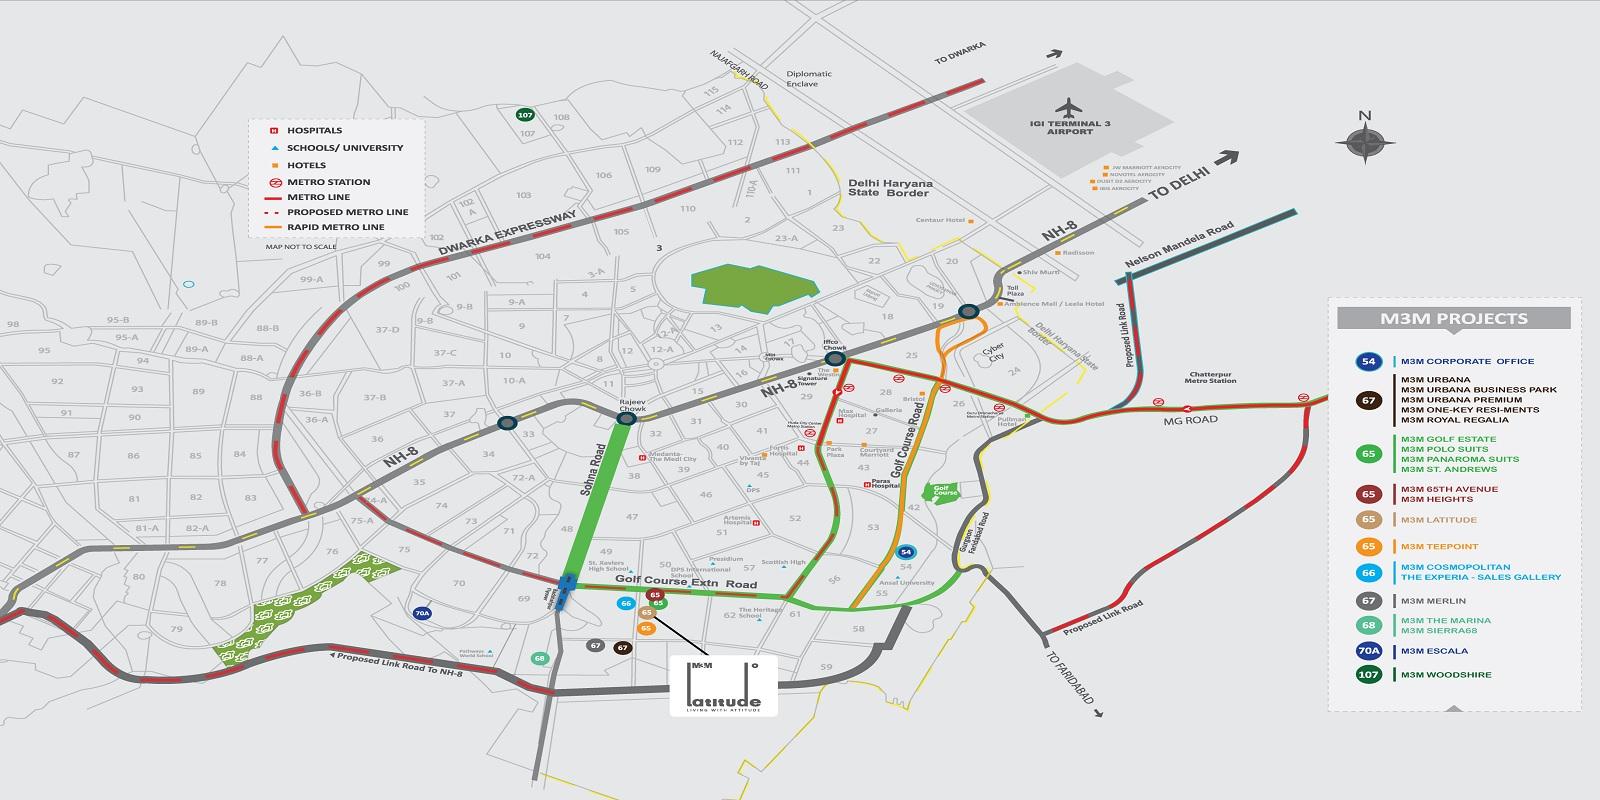 m3m latitude location image2